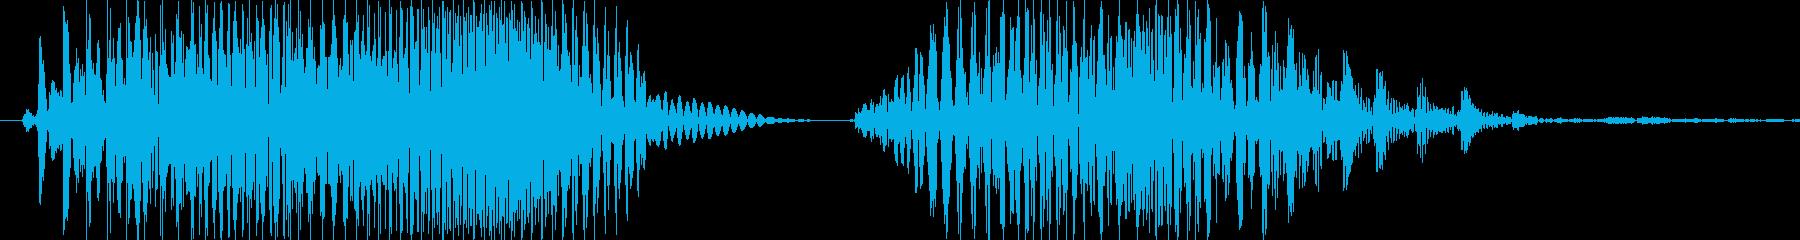 アウト!の再生済みの波形